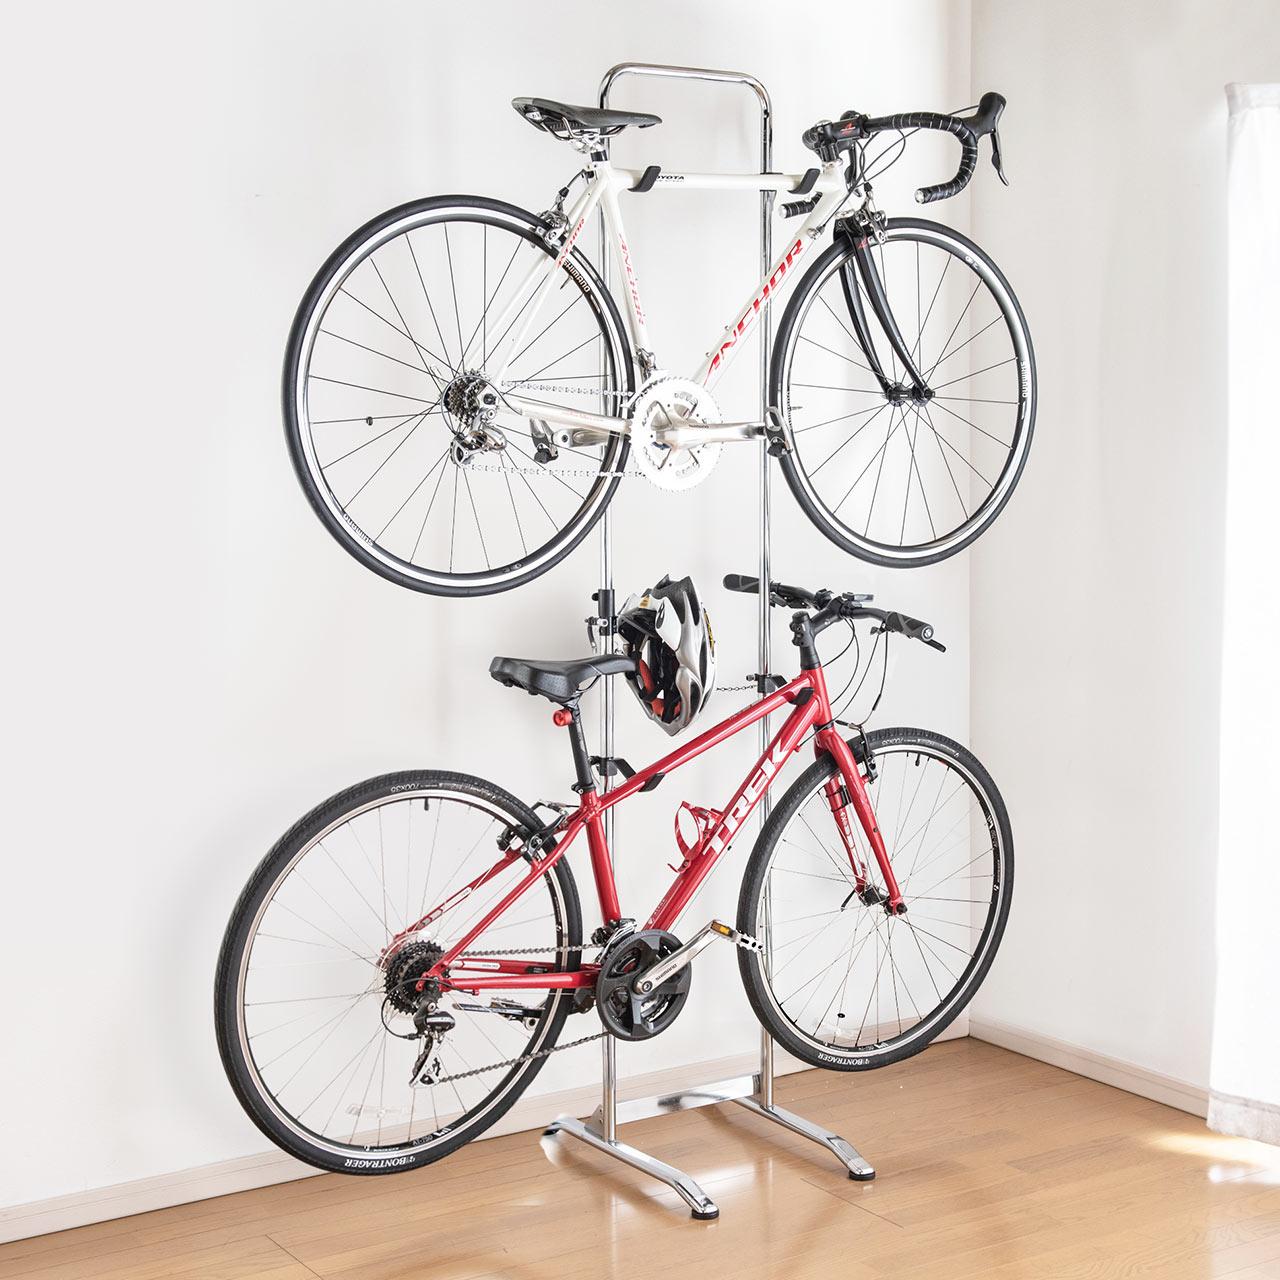 自転車スタンド 2台掛け ホーム 誕生日プレゼント バイクラック ディスプレイスタンド 値下げ 800-BYST6 自立式 屋内用